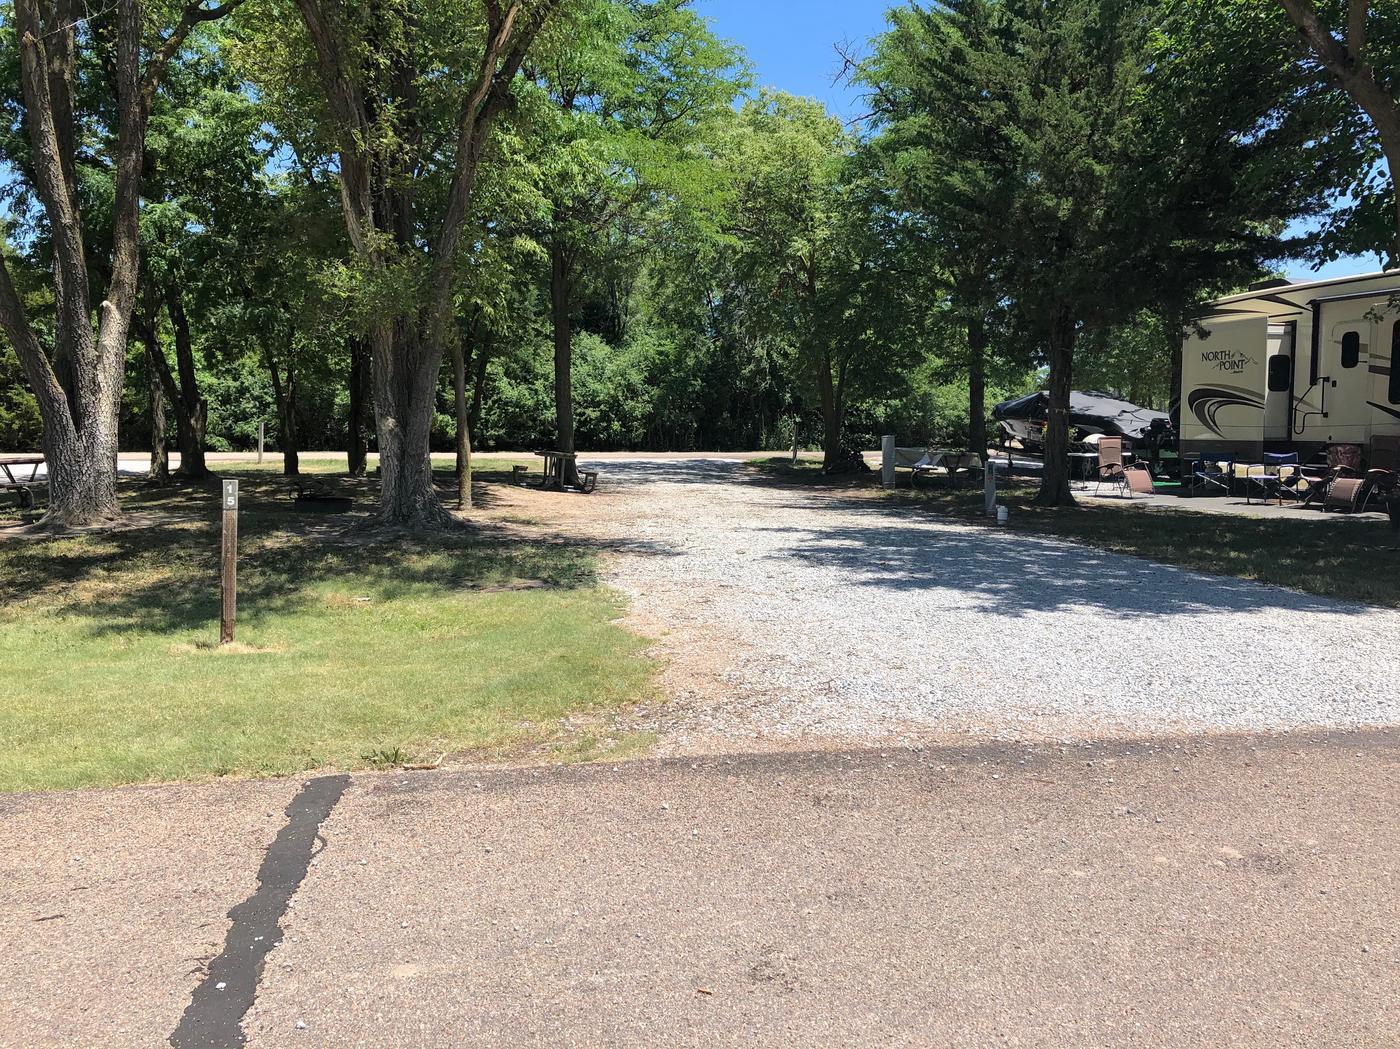 Pull through campsite Site 15